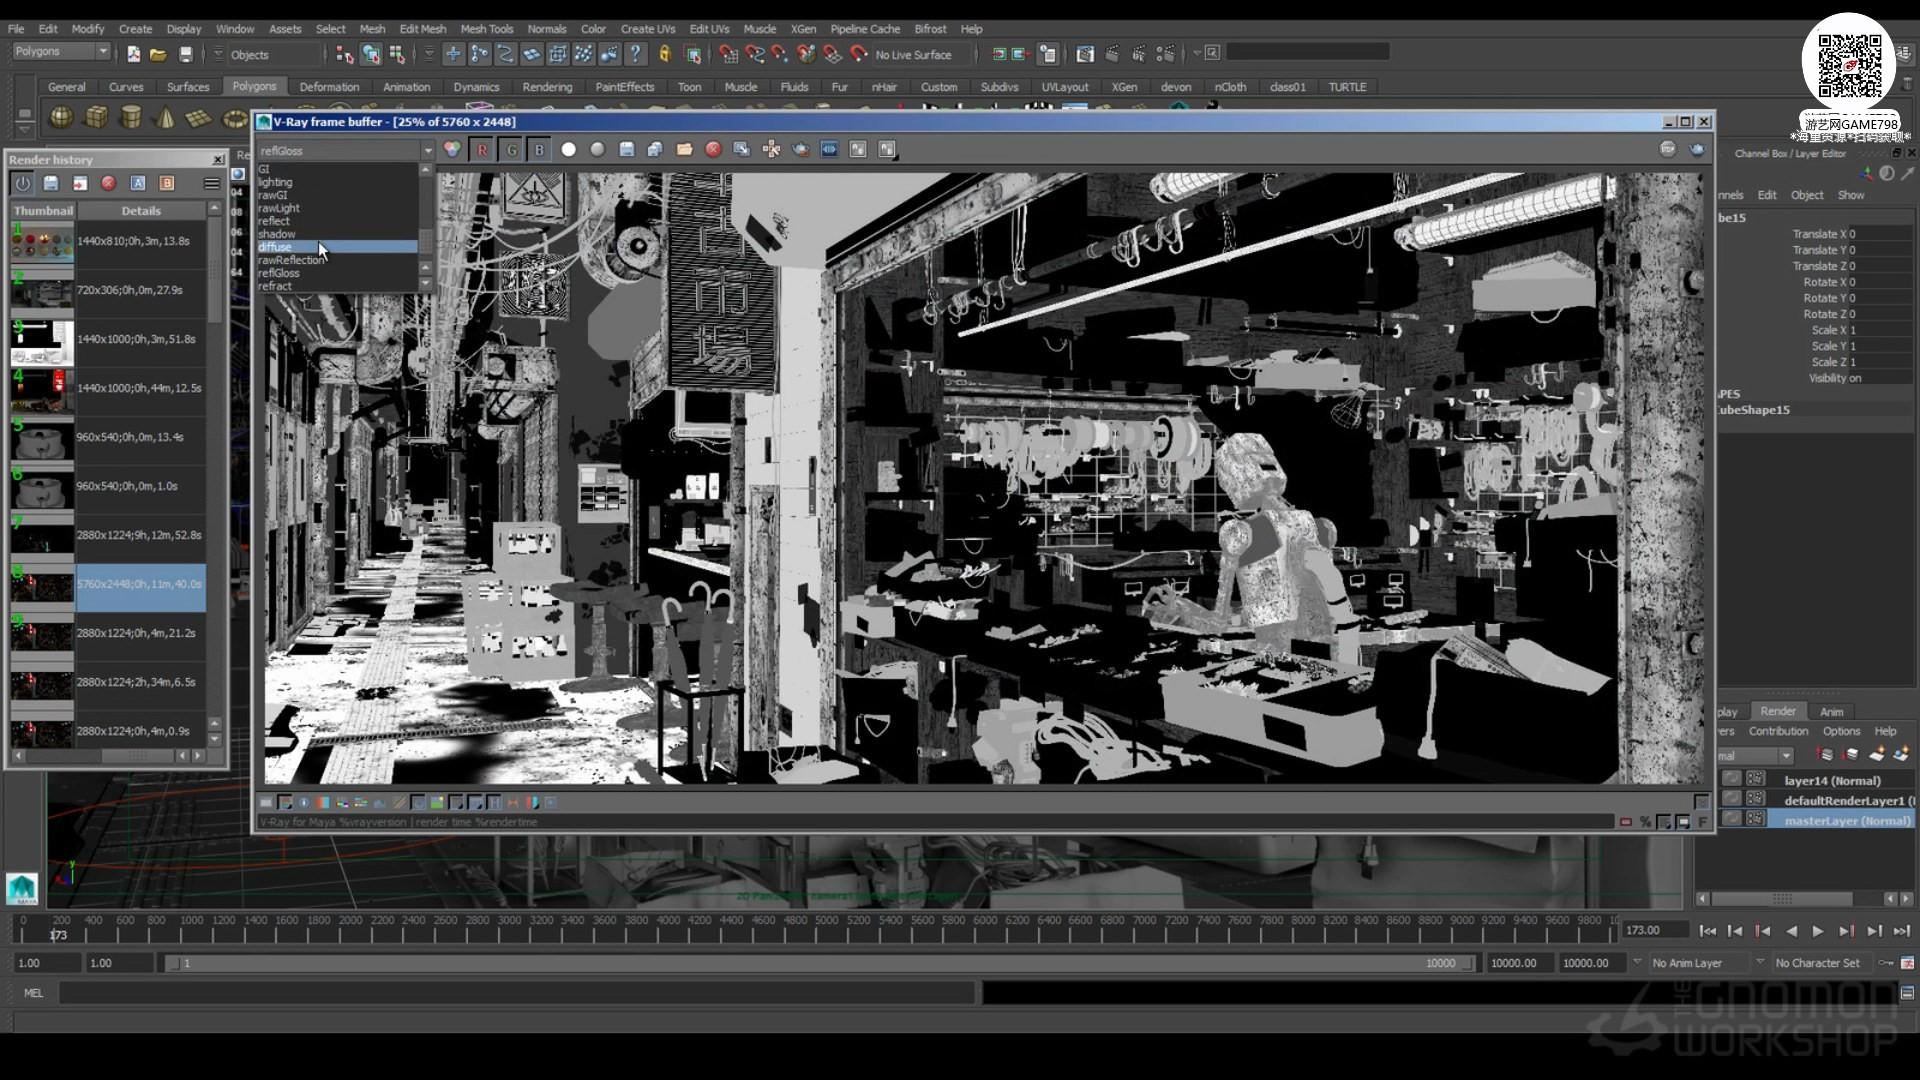 025_关注-游艺网GAME798海量资源下载【视频教程】MAYA制作科幻场景.jpg